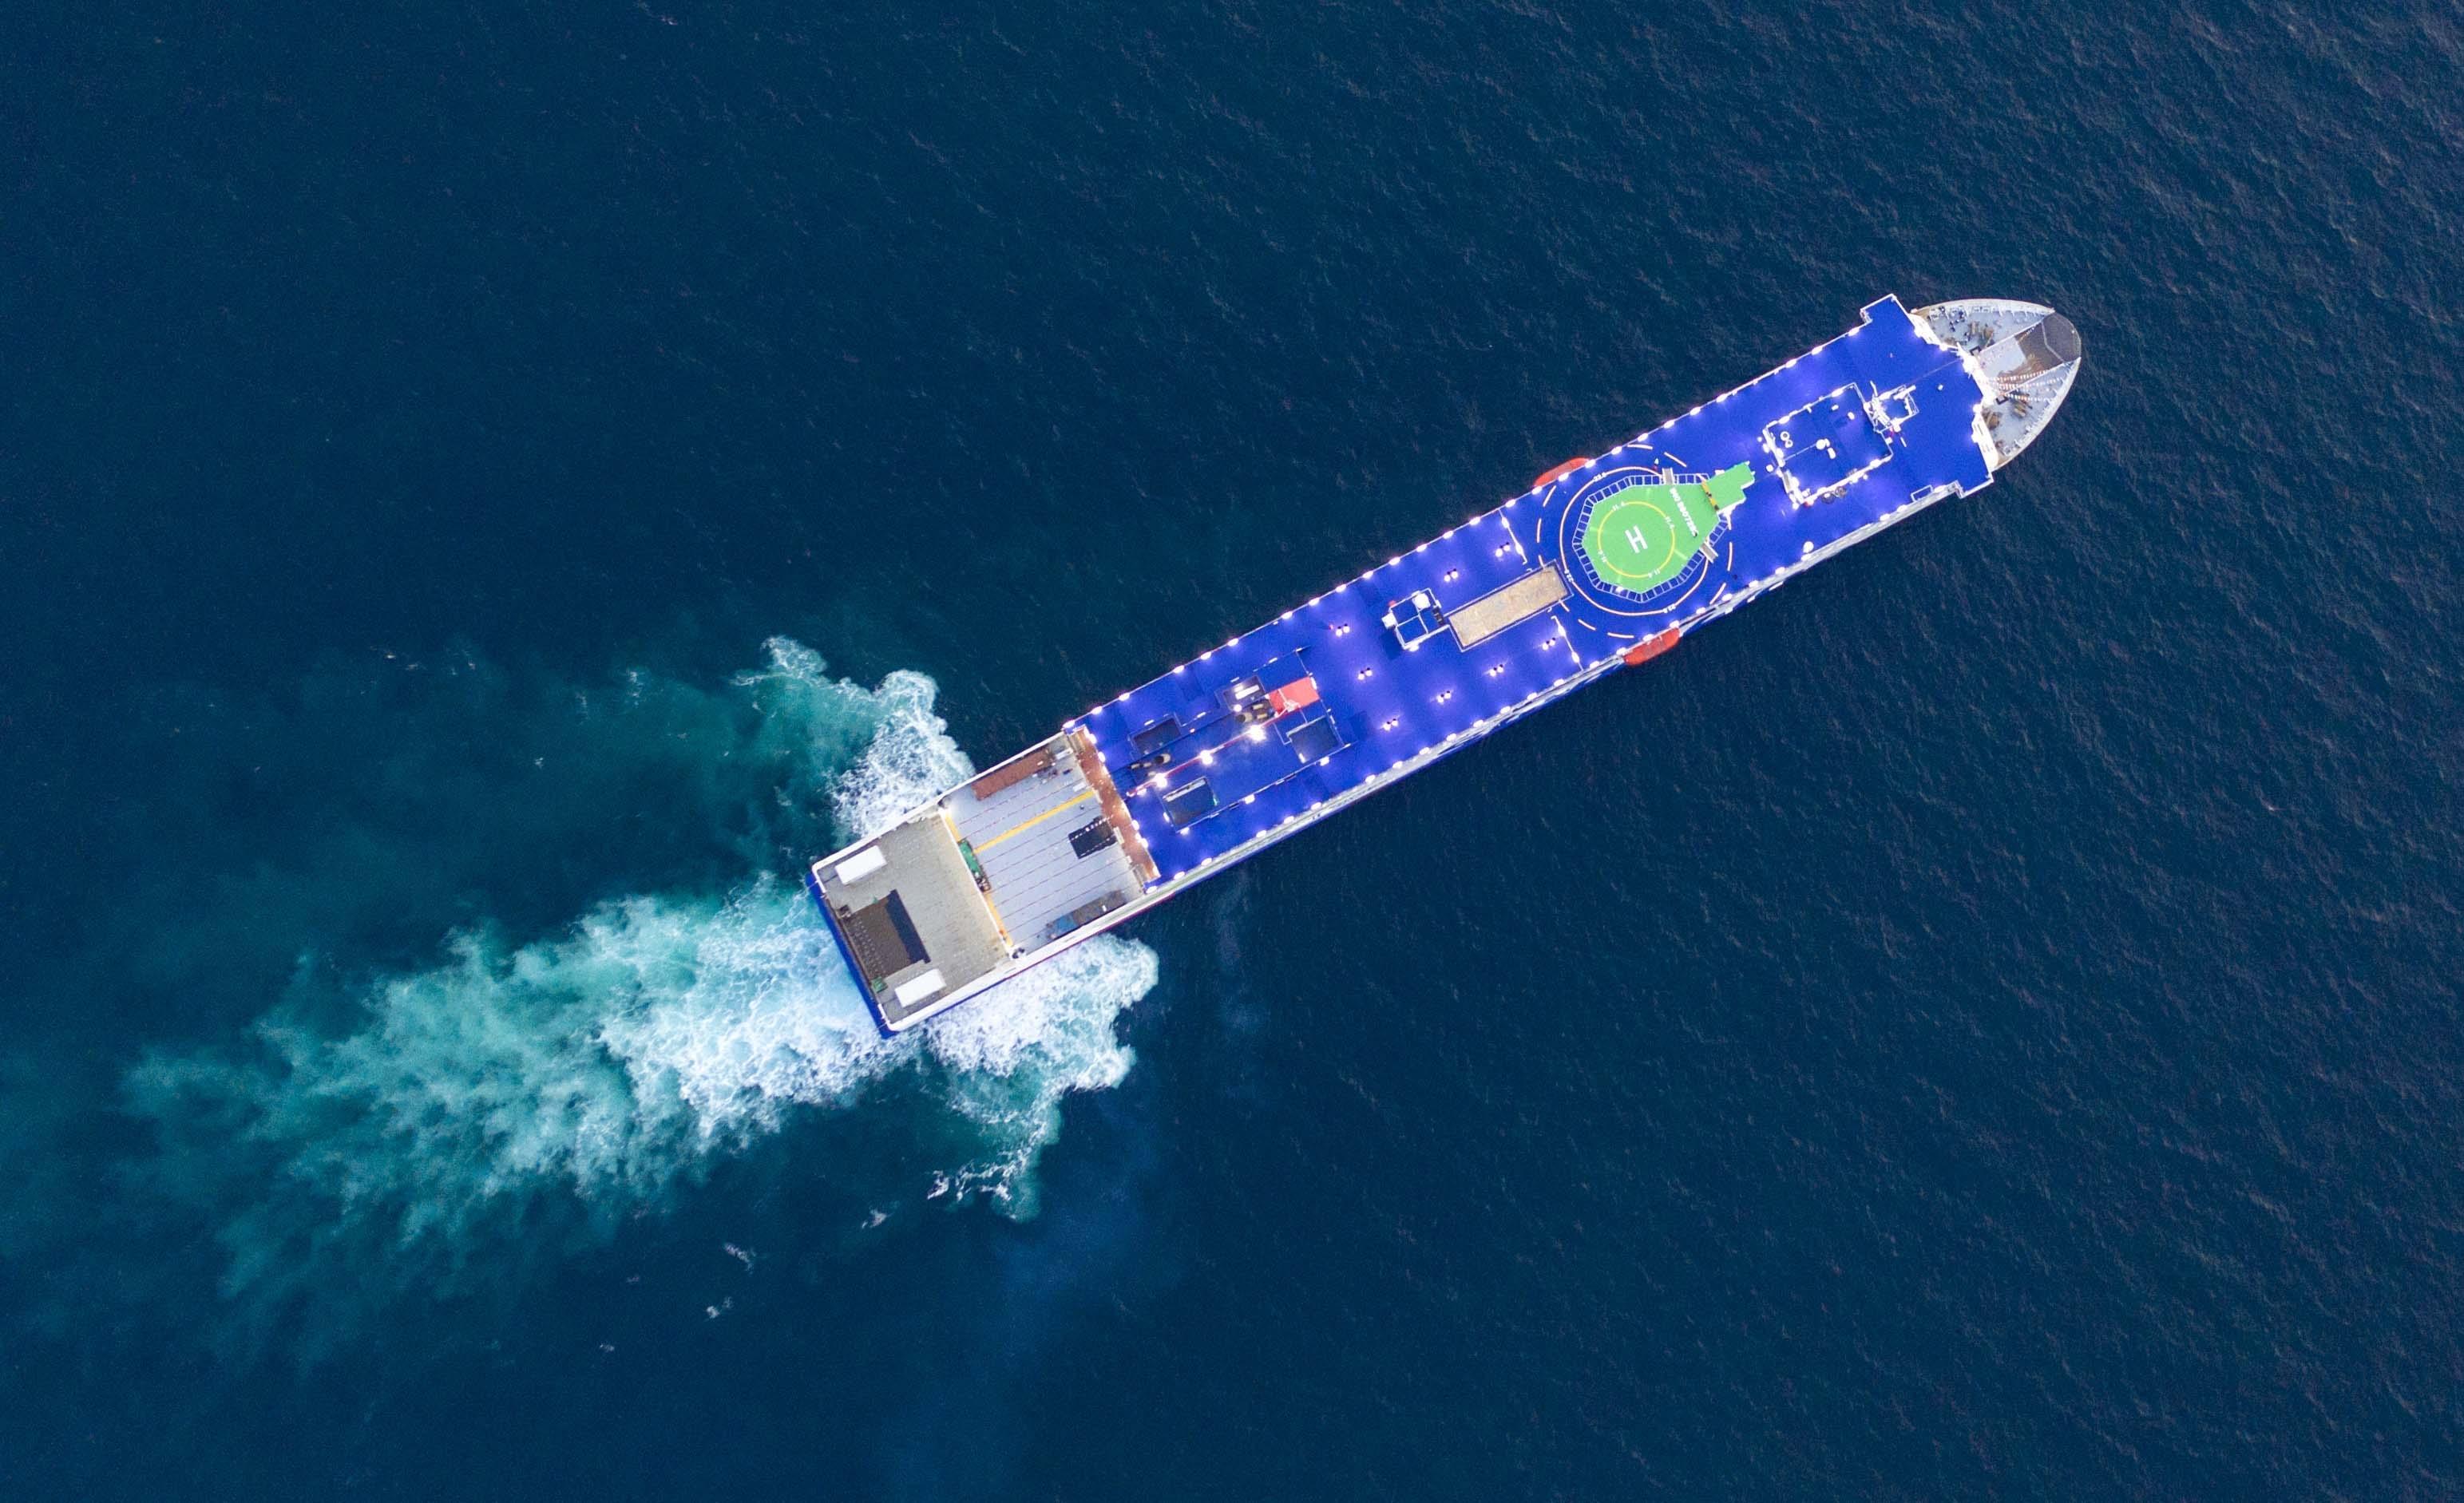 STENA ESTRID on sea trials in the Yellow Sea. Stena Line